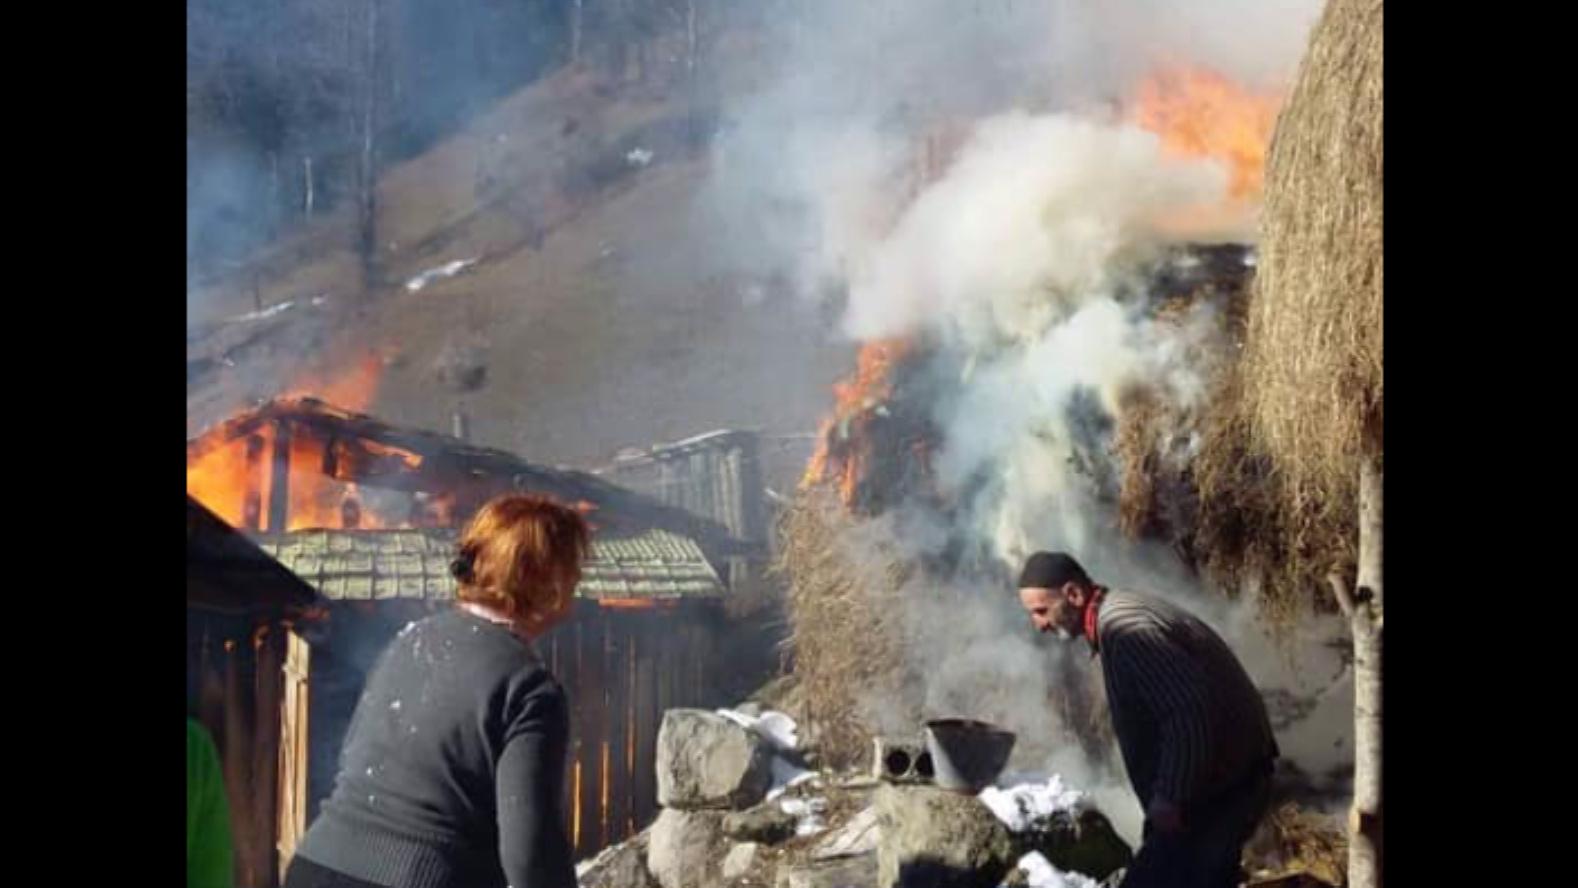 ცეცხლი დამხმარე ნაგებობას გაუჩნდა, მოგვიანებით კი სახლზეგადავიდა - ხანძარი ხულოში